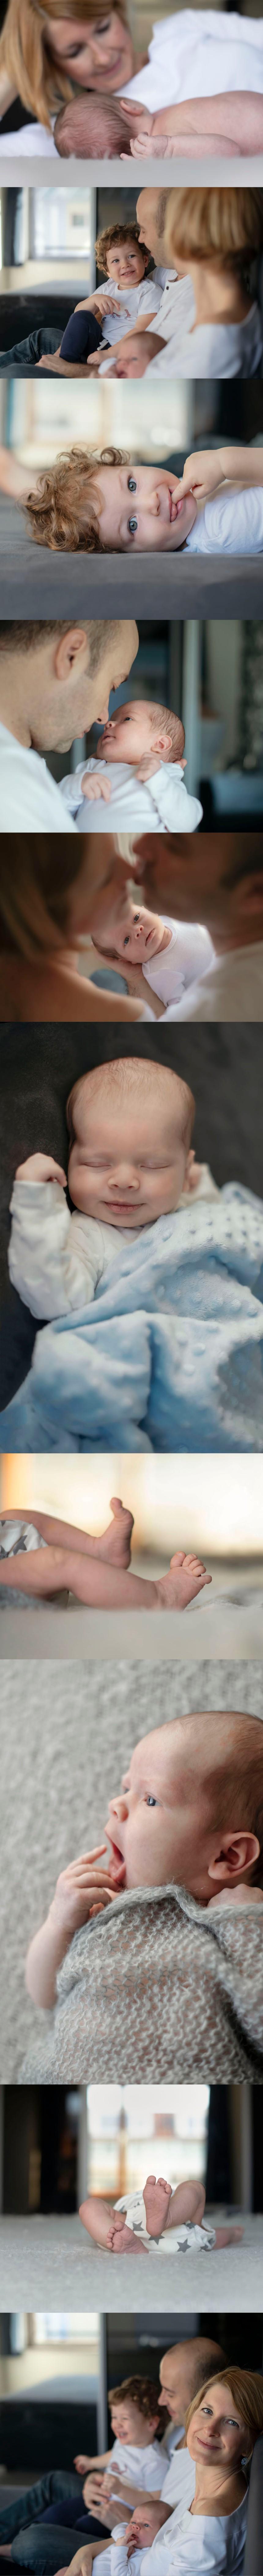 Teo newborn